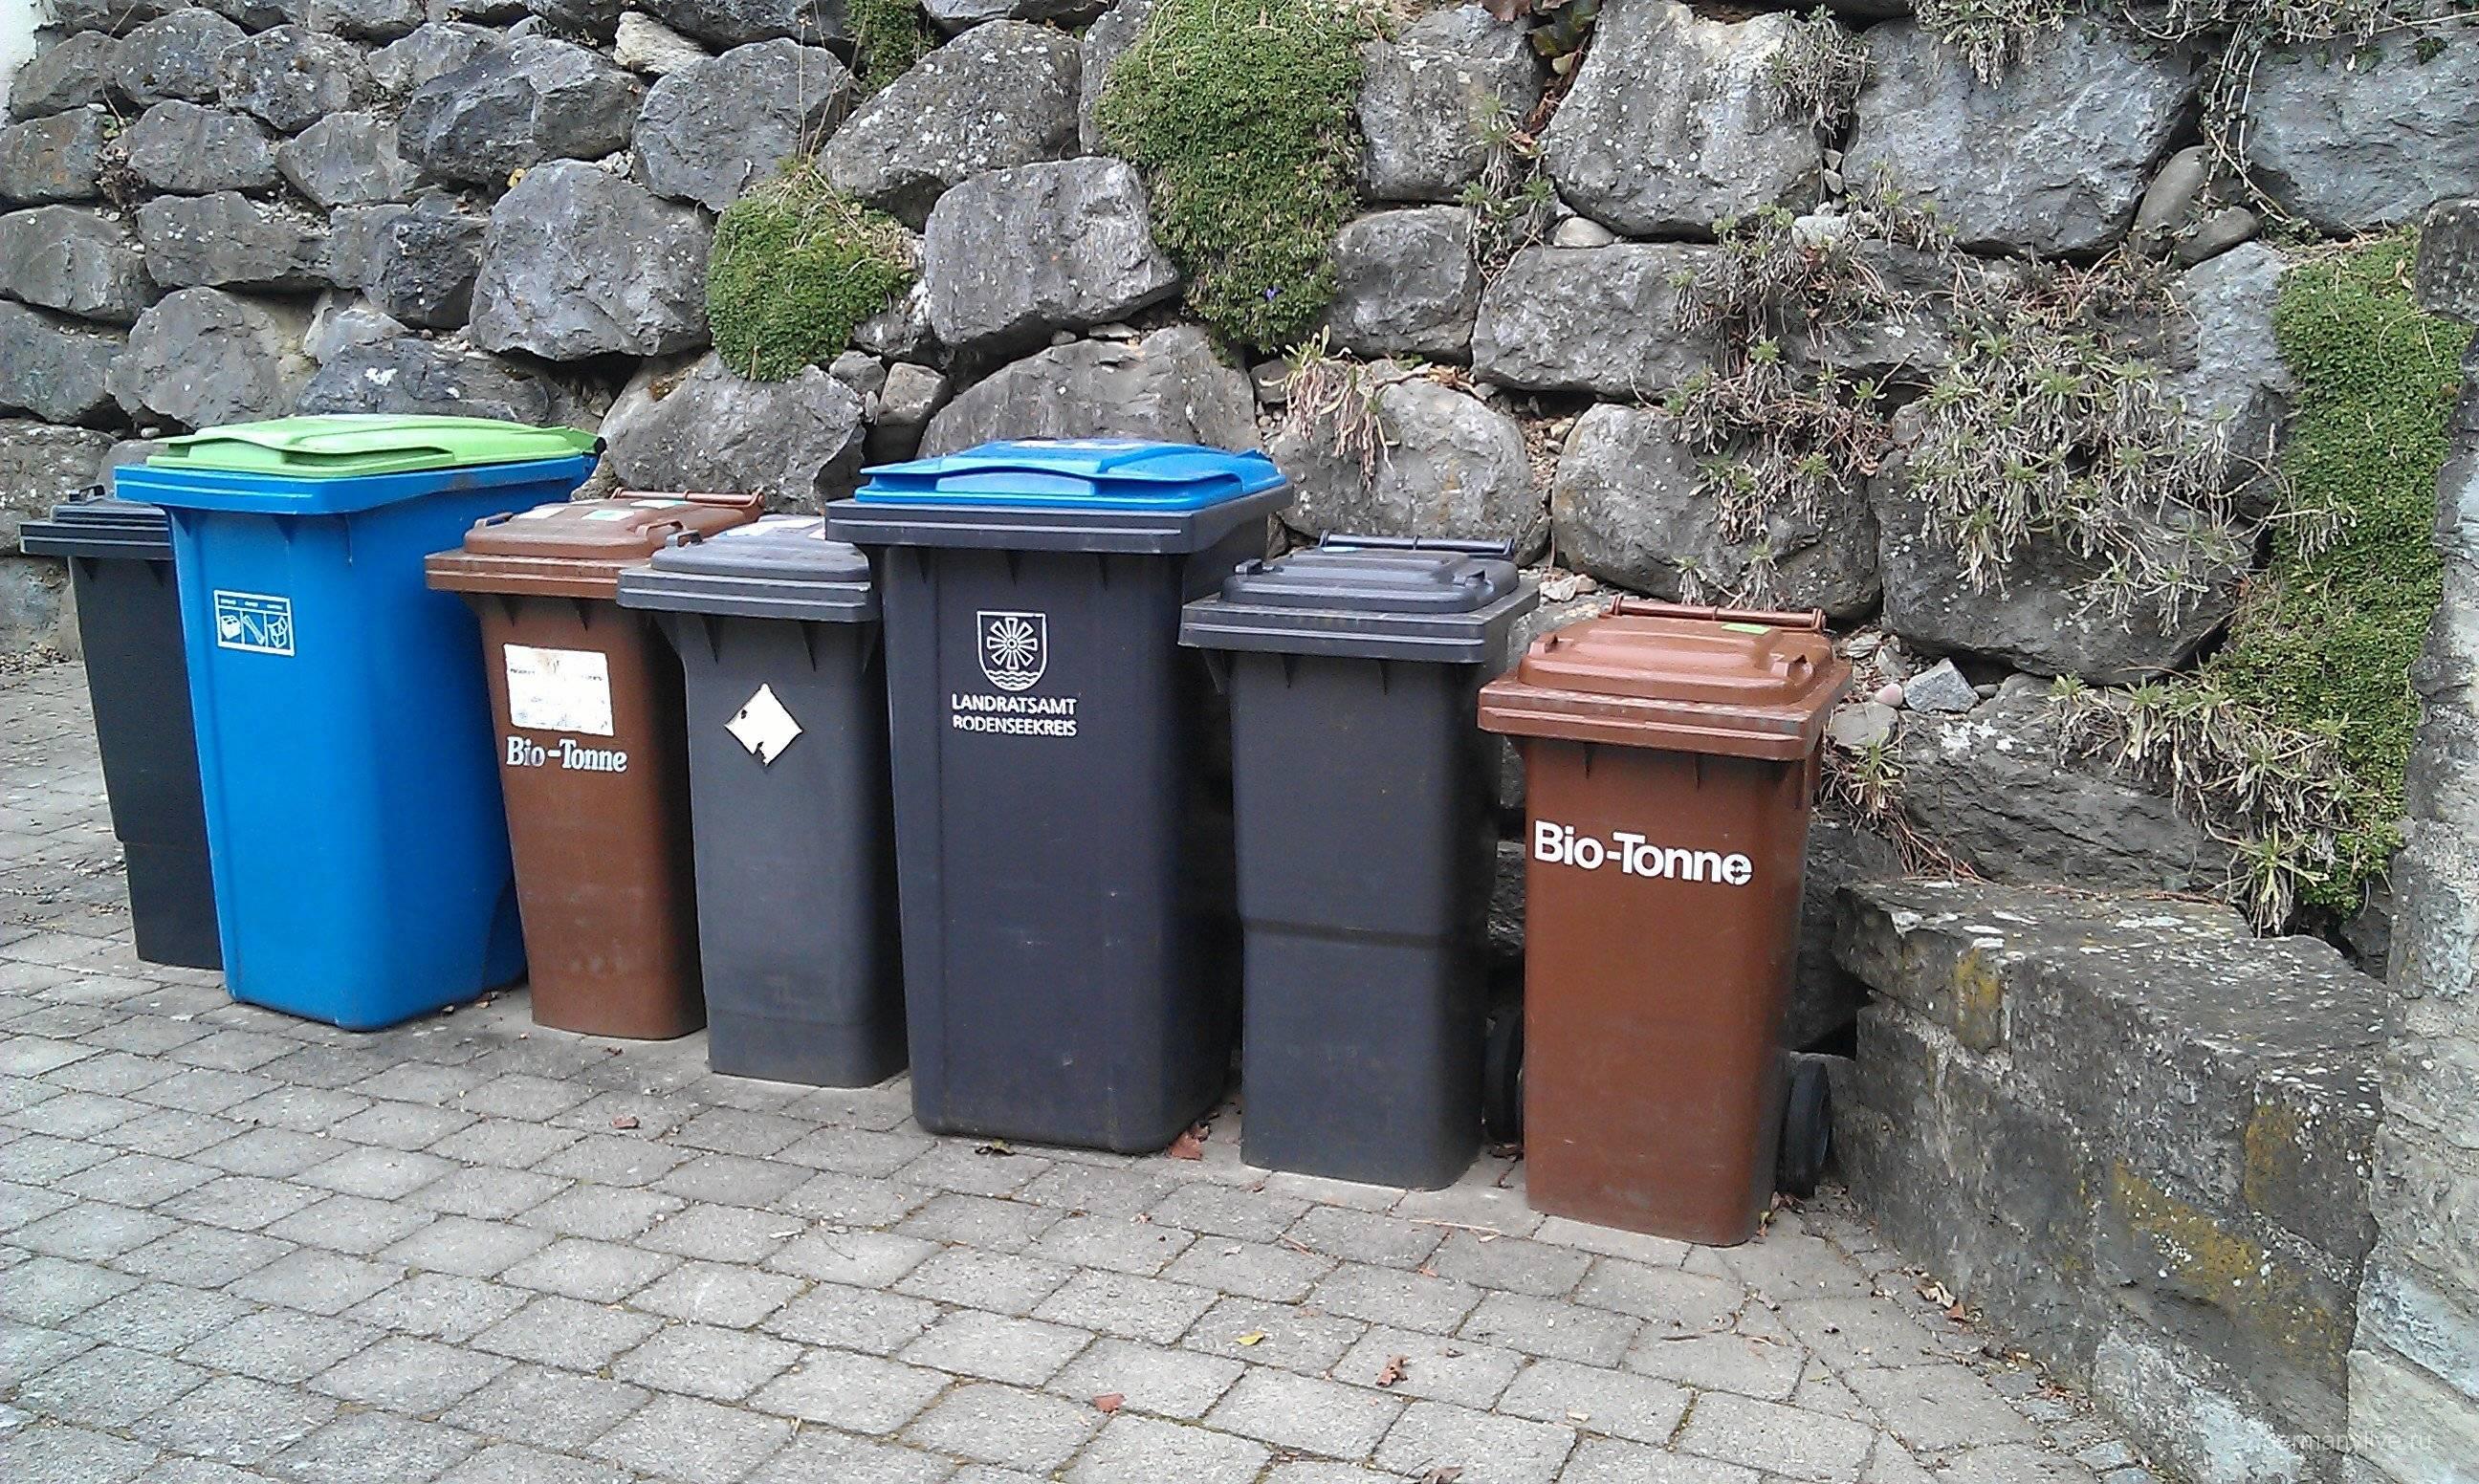 С2020 года москва переходит нараздельный сбор мусора как правильно сортировать отходы инезабросить это дело через неделю?